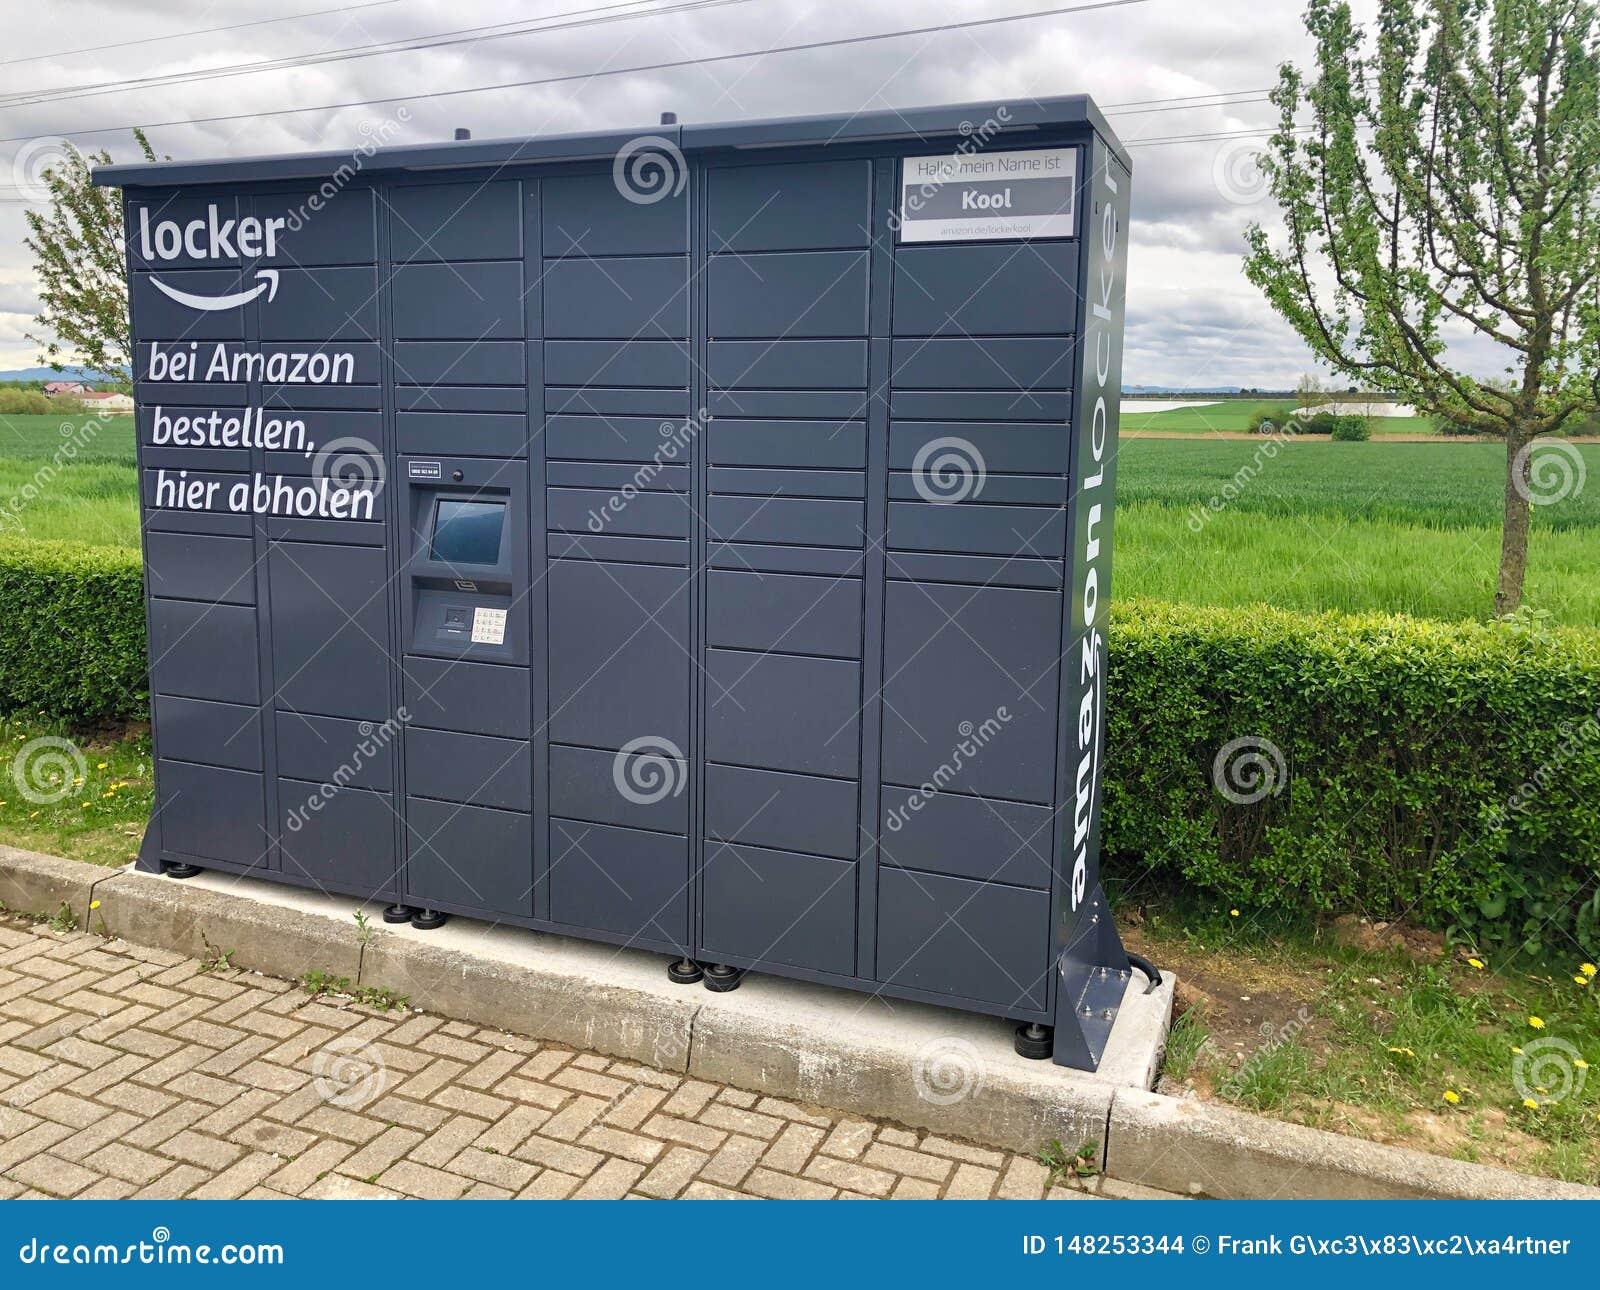 Cacifo das Amazonas situado em um posto de gasolina em Ostfildern, Alemanha